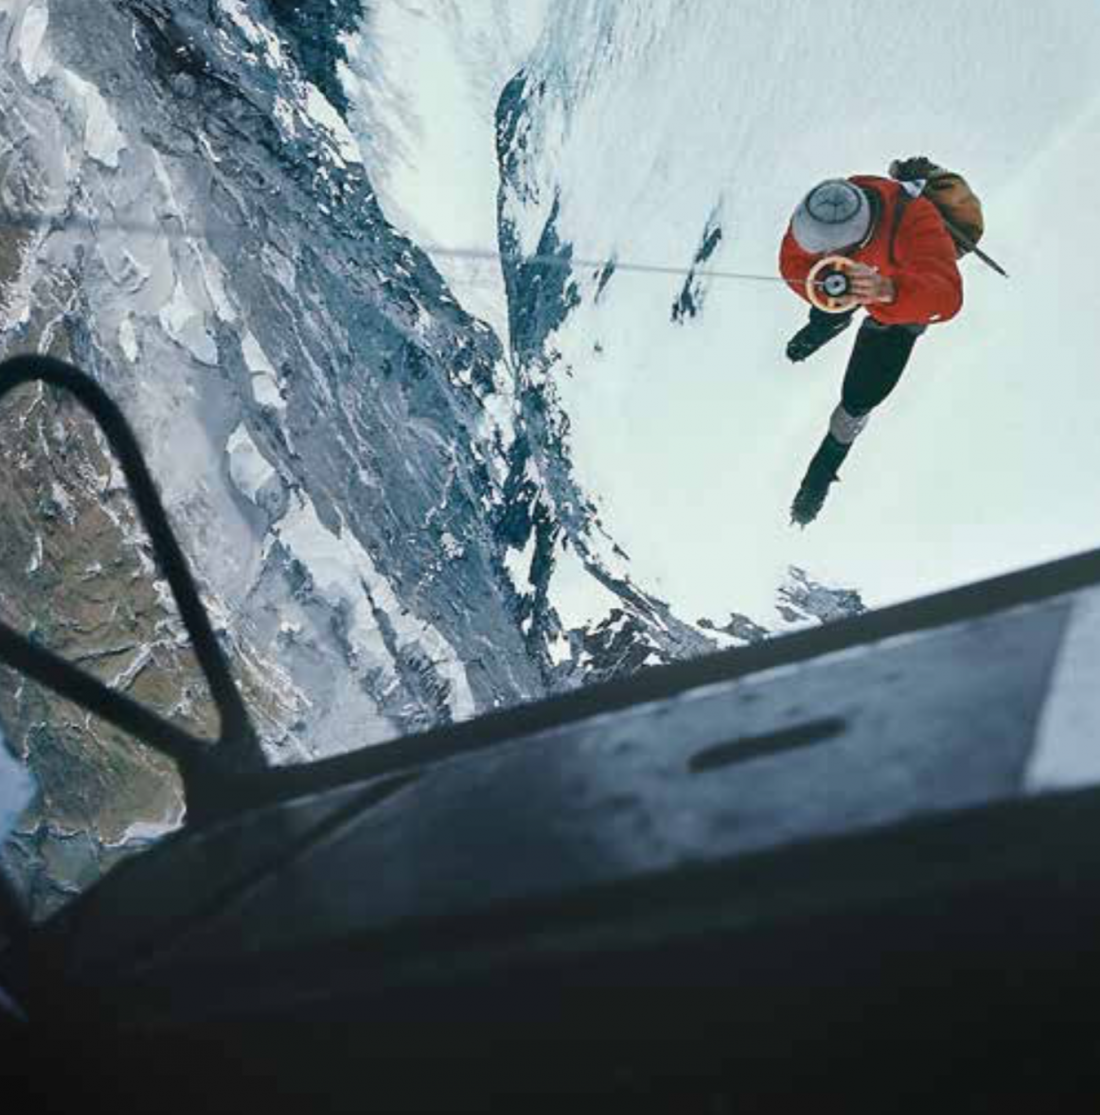 Rettung mit einem verlängerten Windeseil von 65 Meter Länge – heute Longline-Rettung genannt.